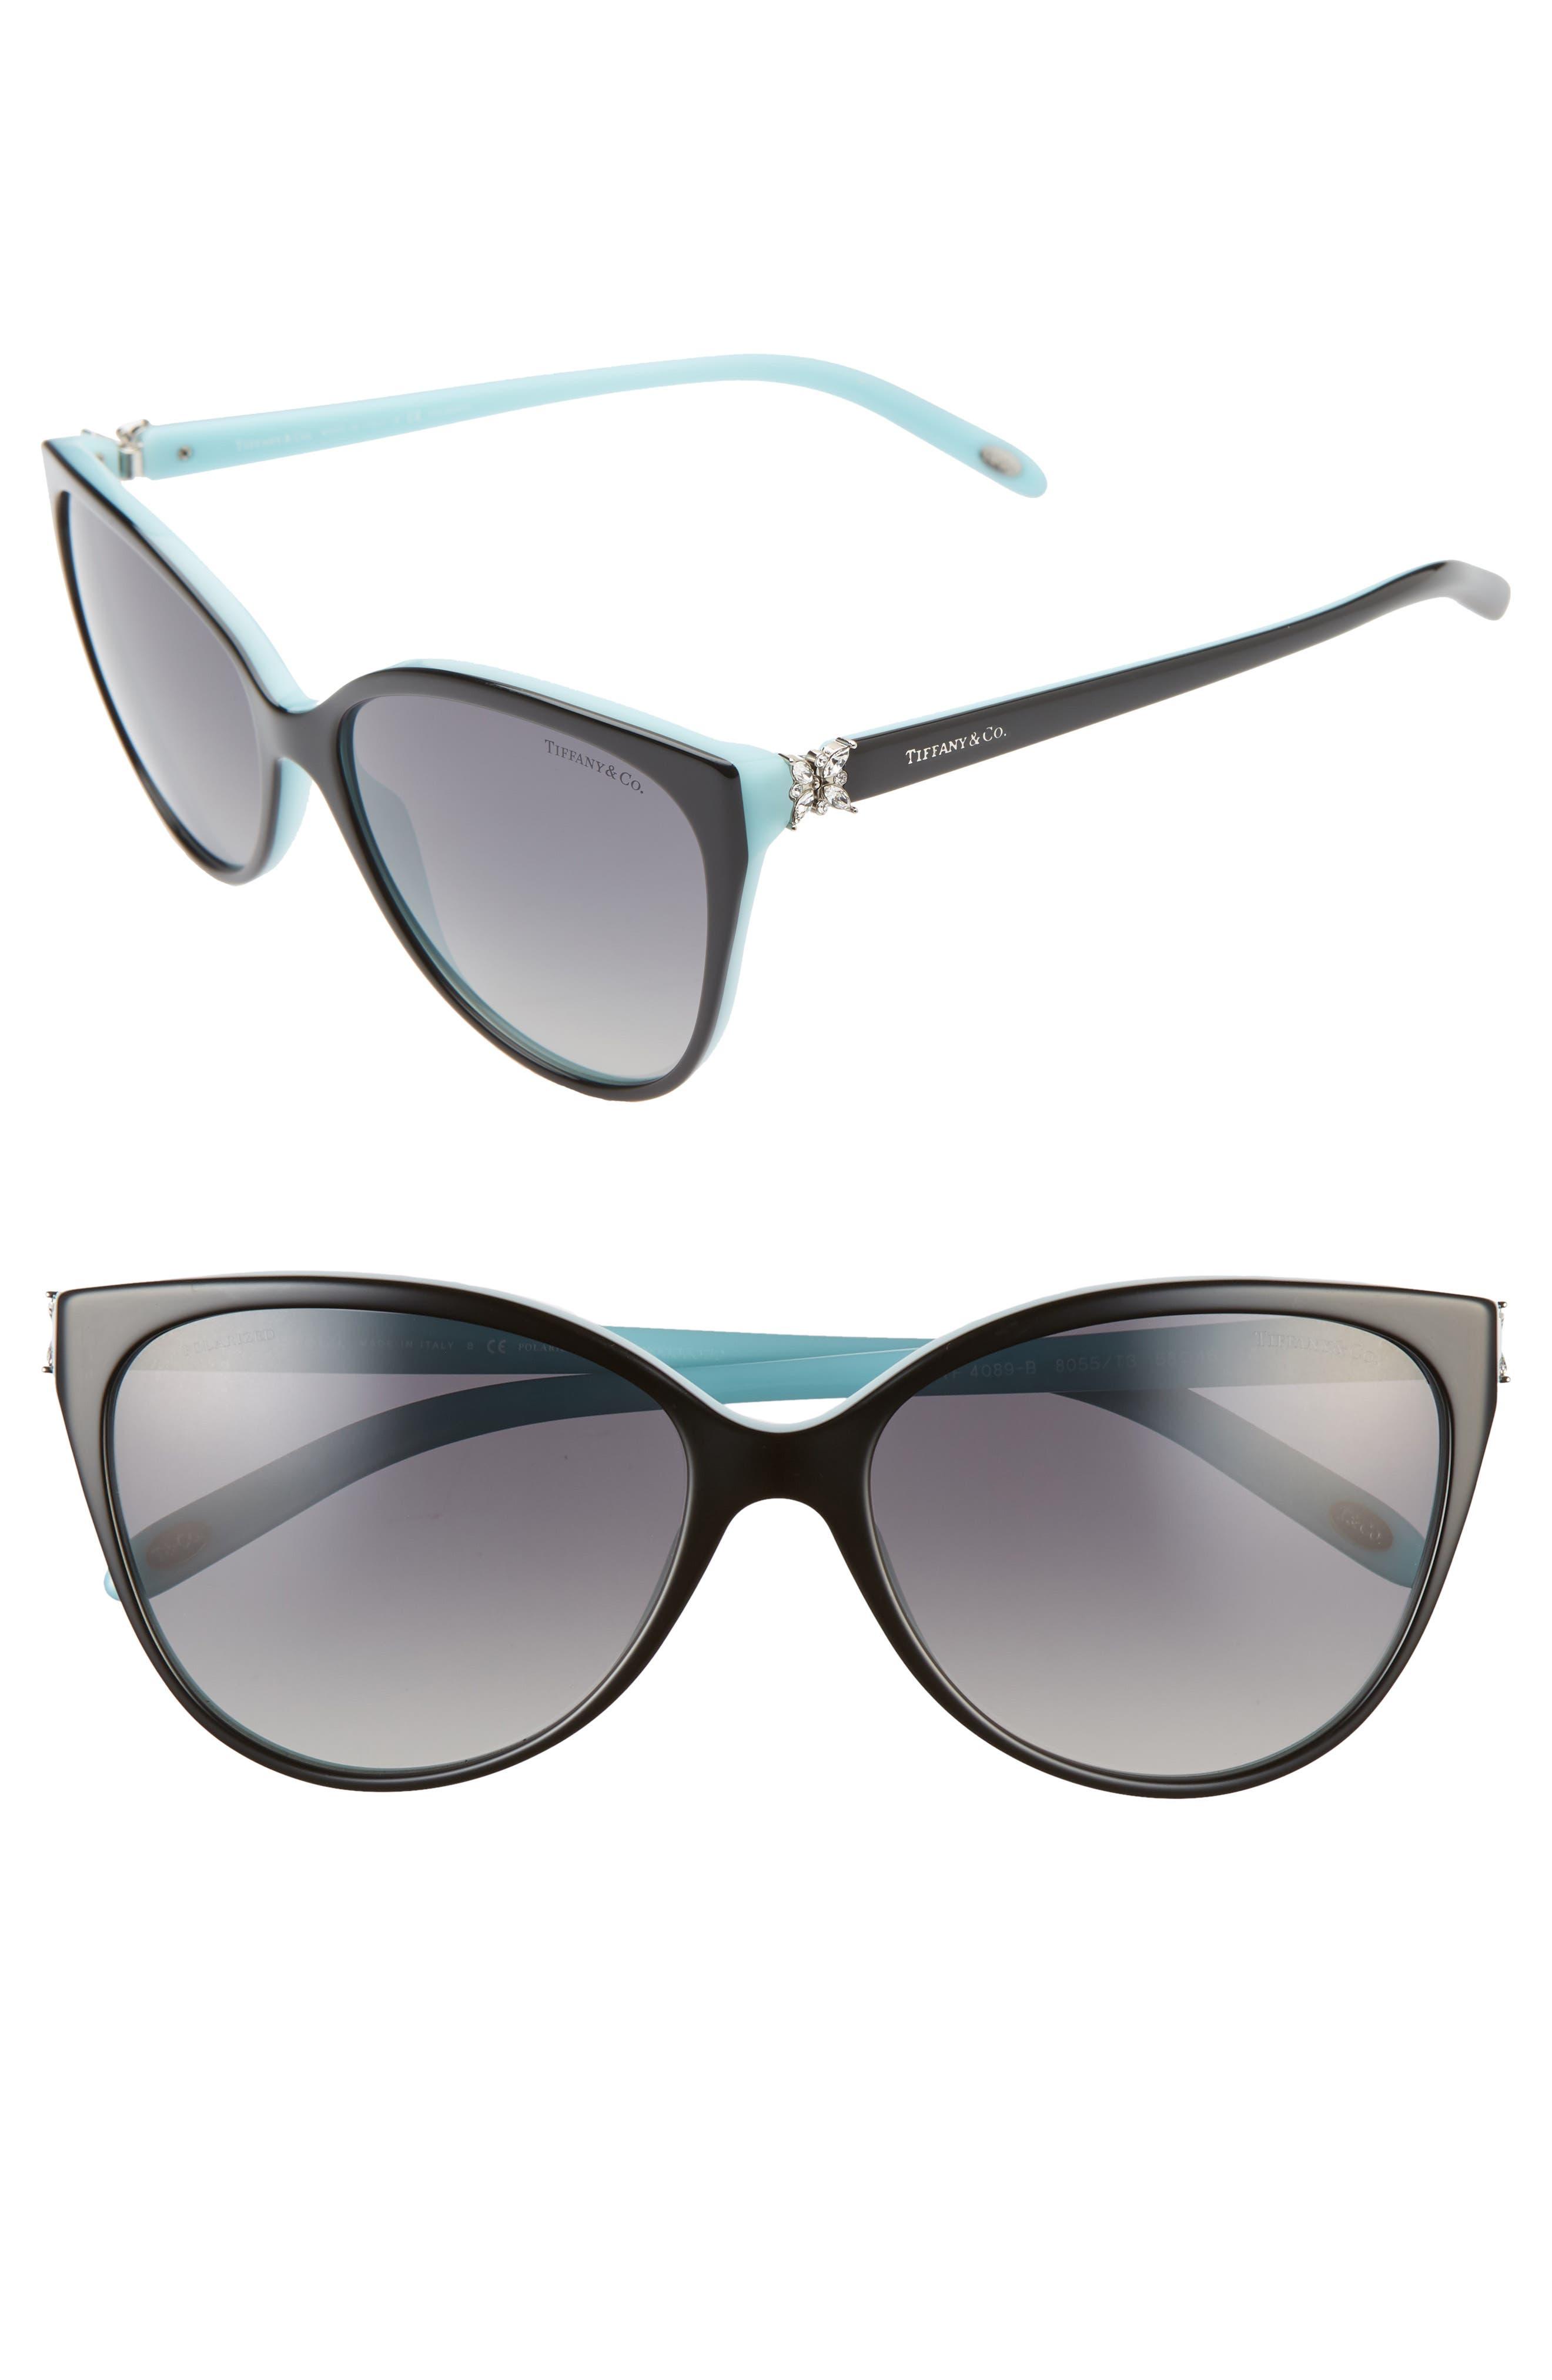 e65085e3bb26 Women's Tiffany & Co. 58Mm Polarized Cat Eye Sunglasses - Black/ Blue/ Black